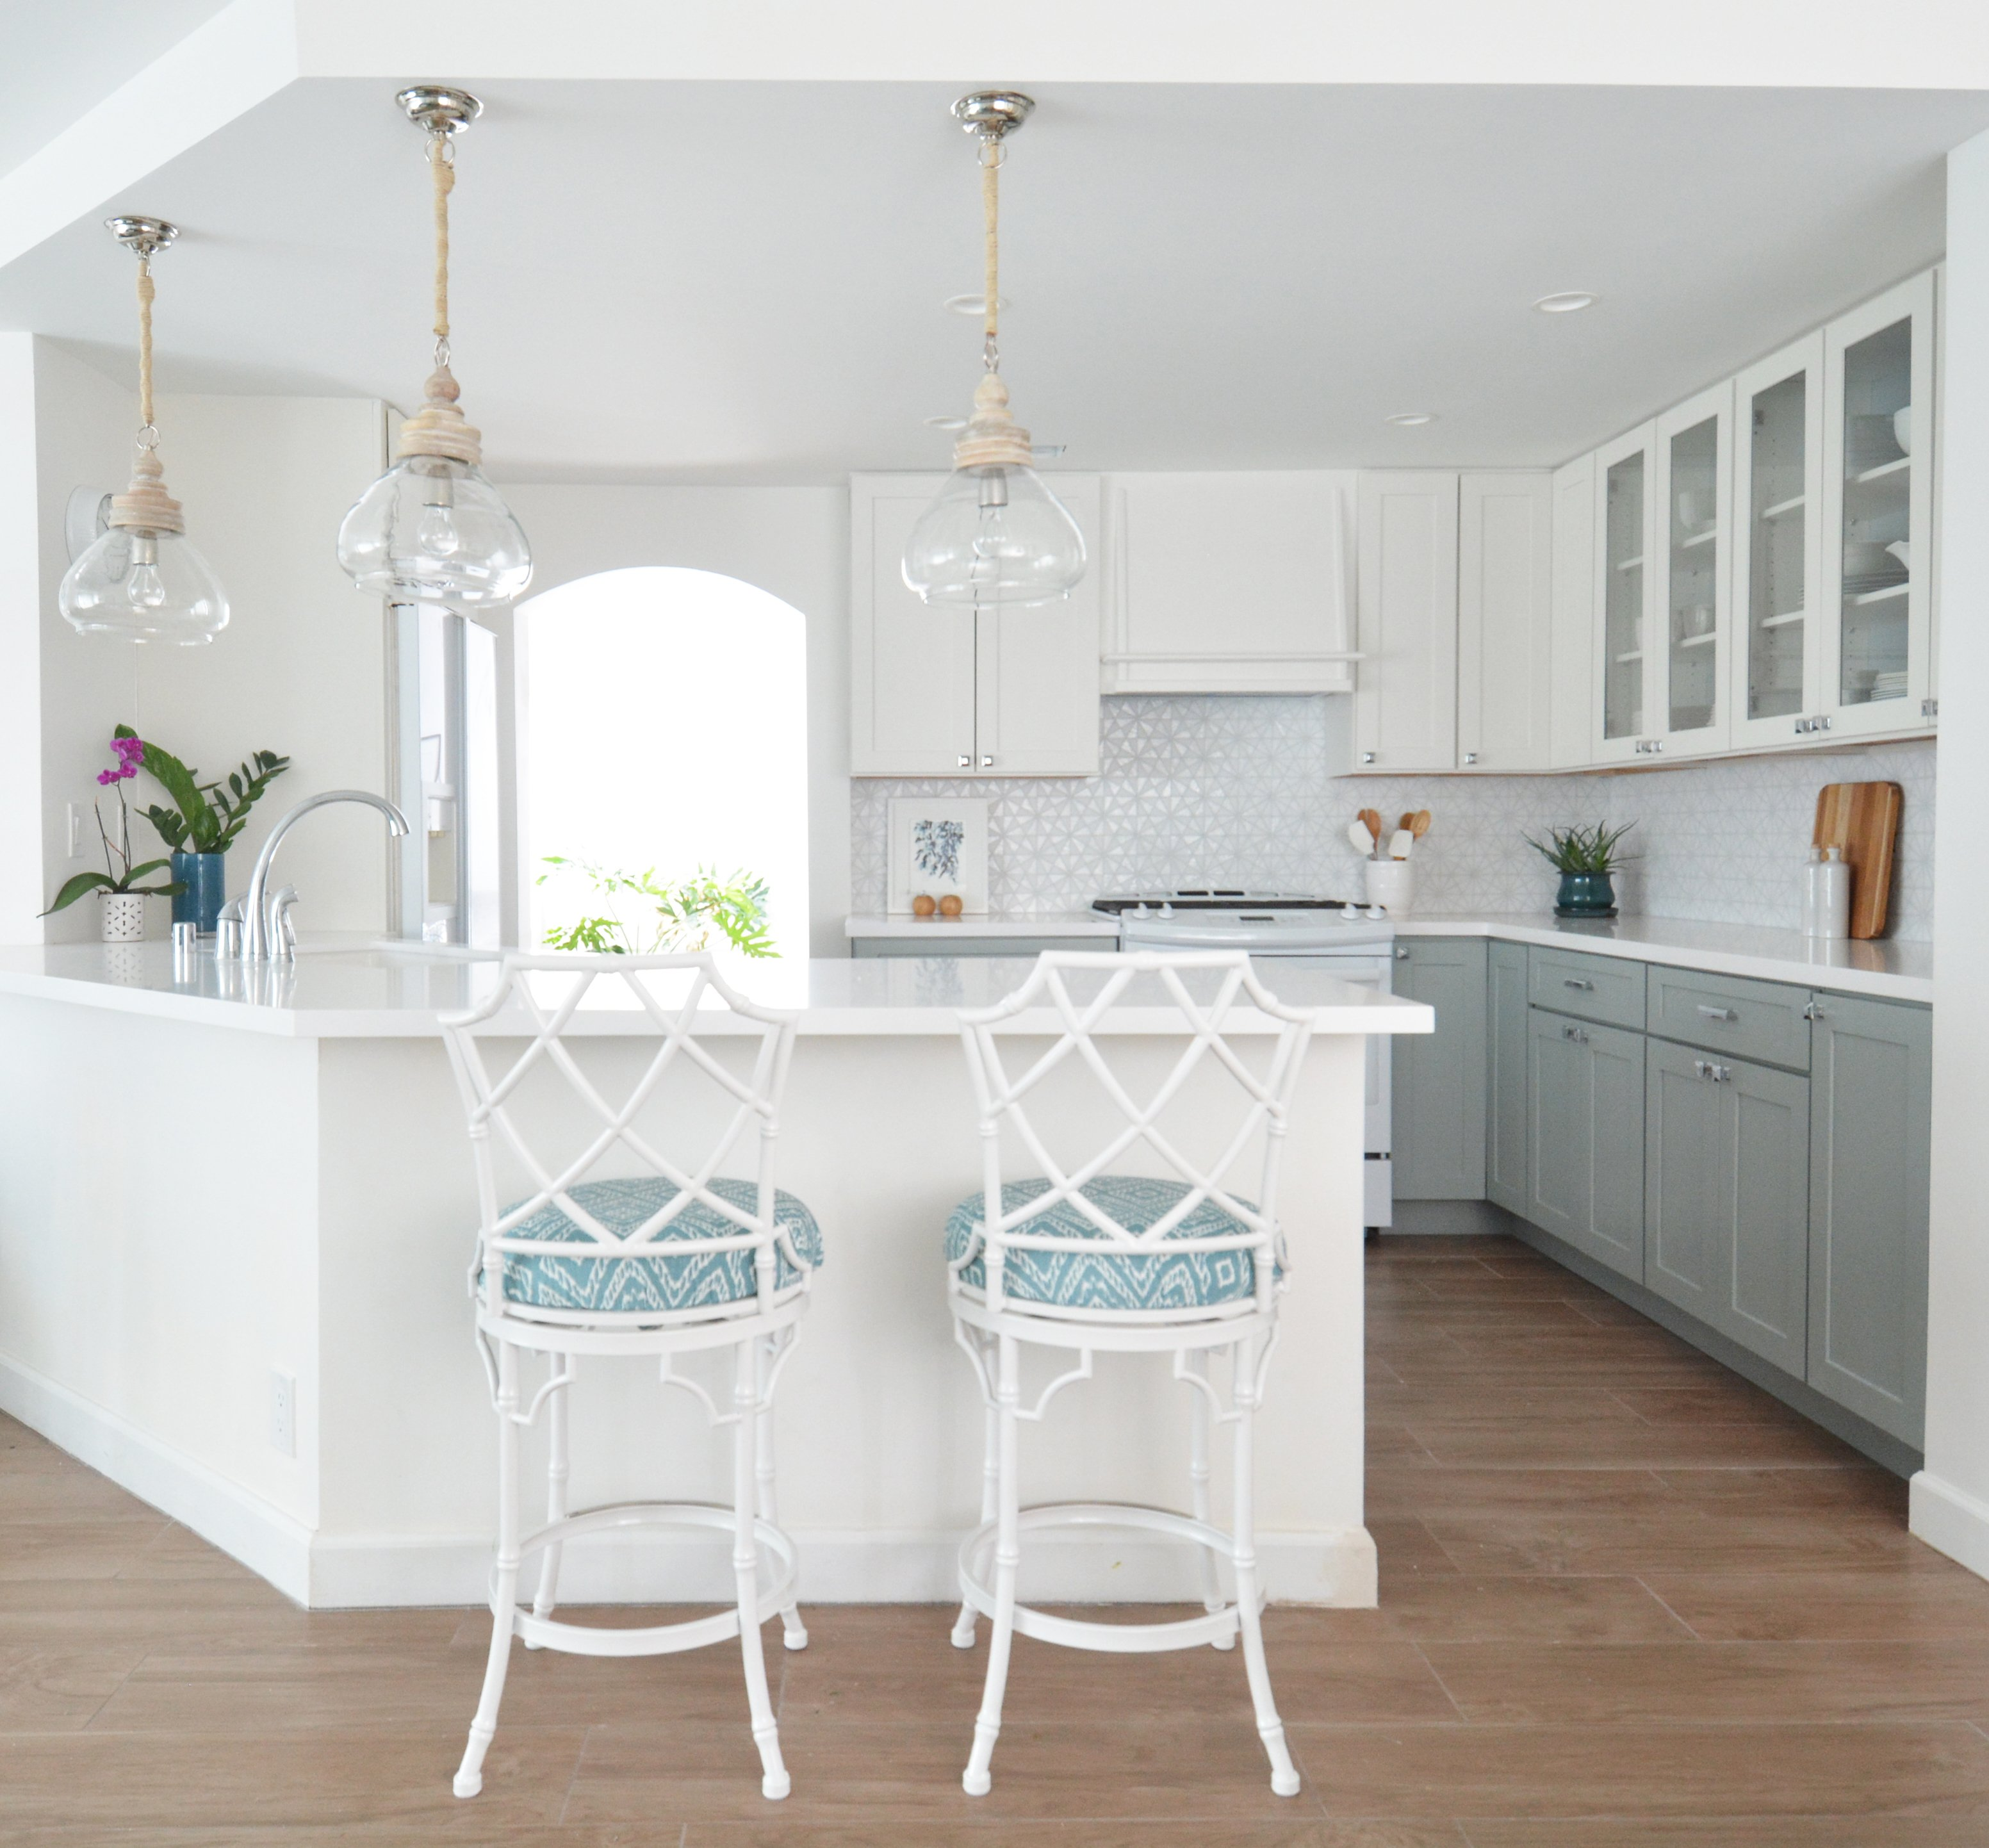 Amazing Ksi Kitchen Composition - Stylish Vintage Kitchen Ideas ...